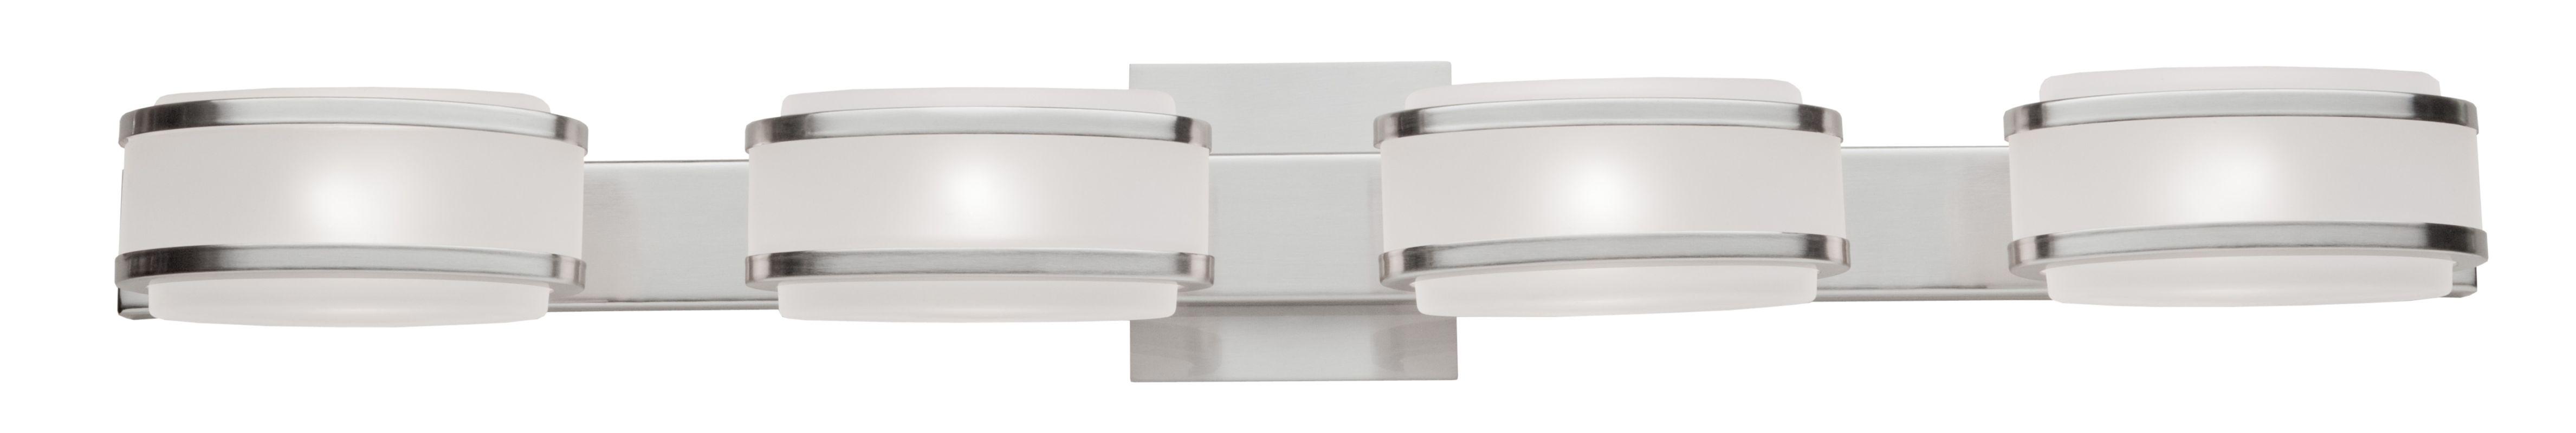 Artcraft Lighting Ac534bn Brushed Nickel Boulevard 4 Light Ada Compliant Bathroom Fixture